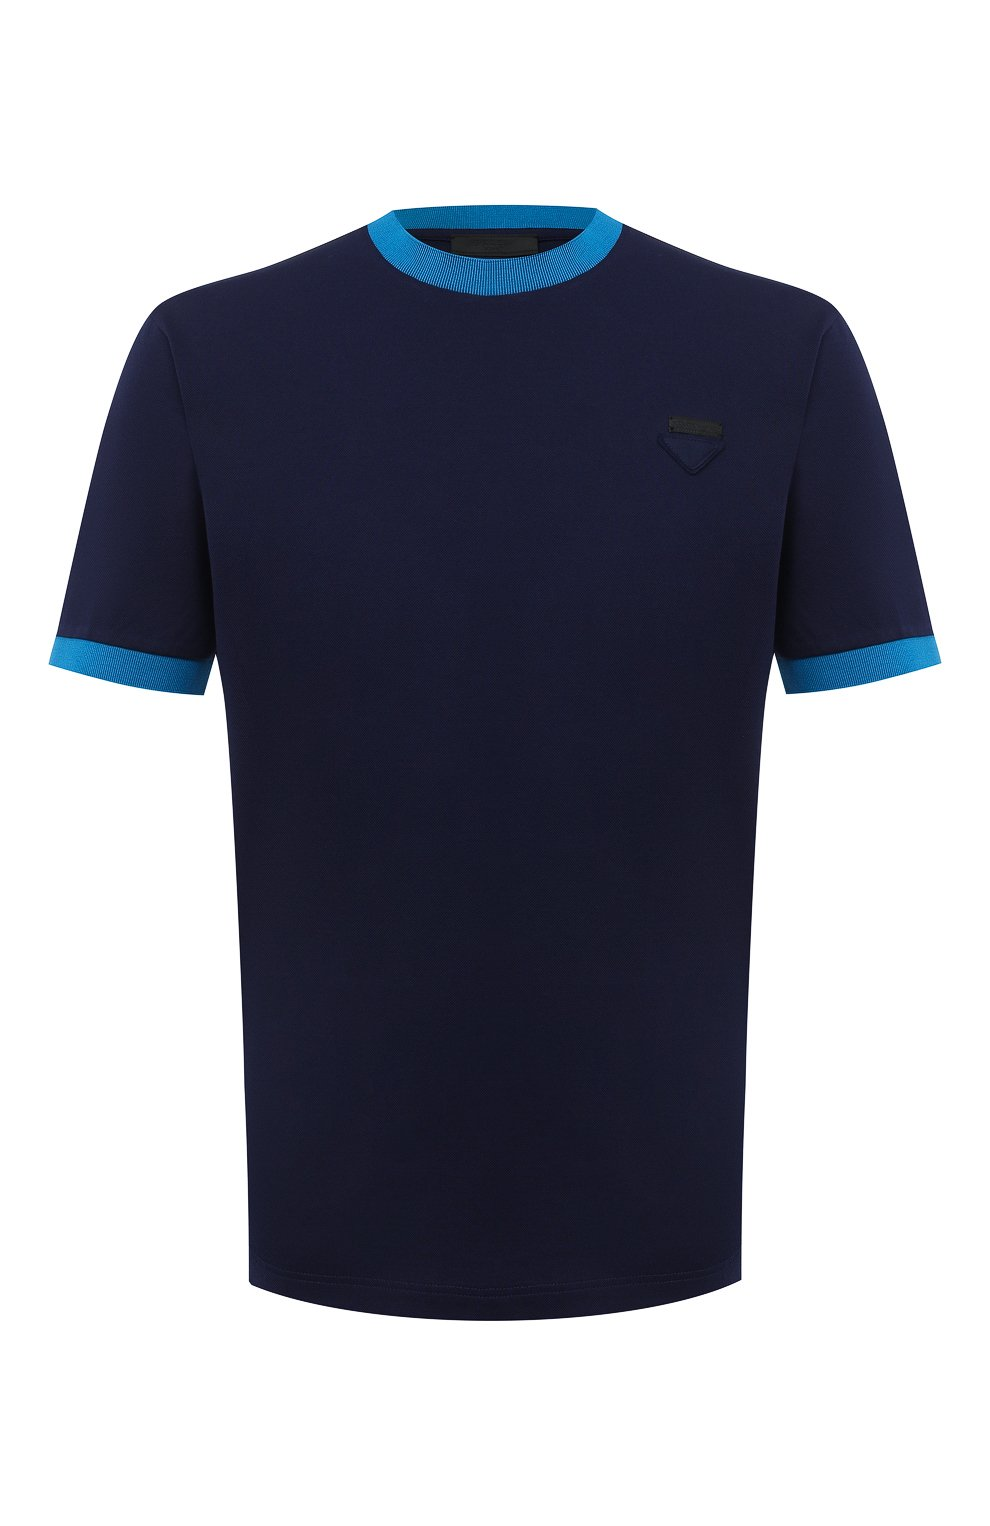 Мужская хлопковая футболка PRADA синего цвета, арт. UJN452-1C61-F0BLX-181   Фото 1 (Принт: Без принта; Рукава: Короткие; Длина (для топов): Стандартные; Материал внешний: Хлопок; Стили: Кэжуэл)